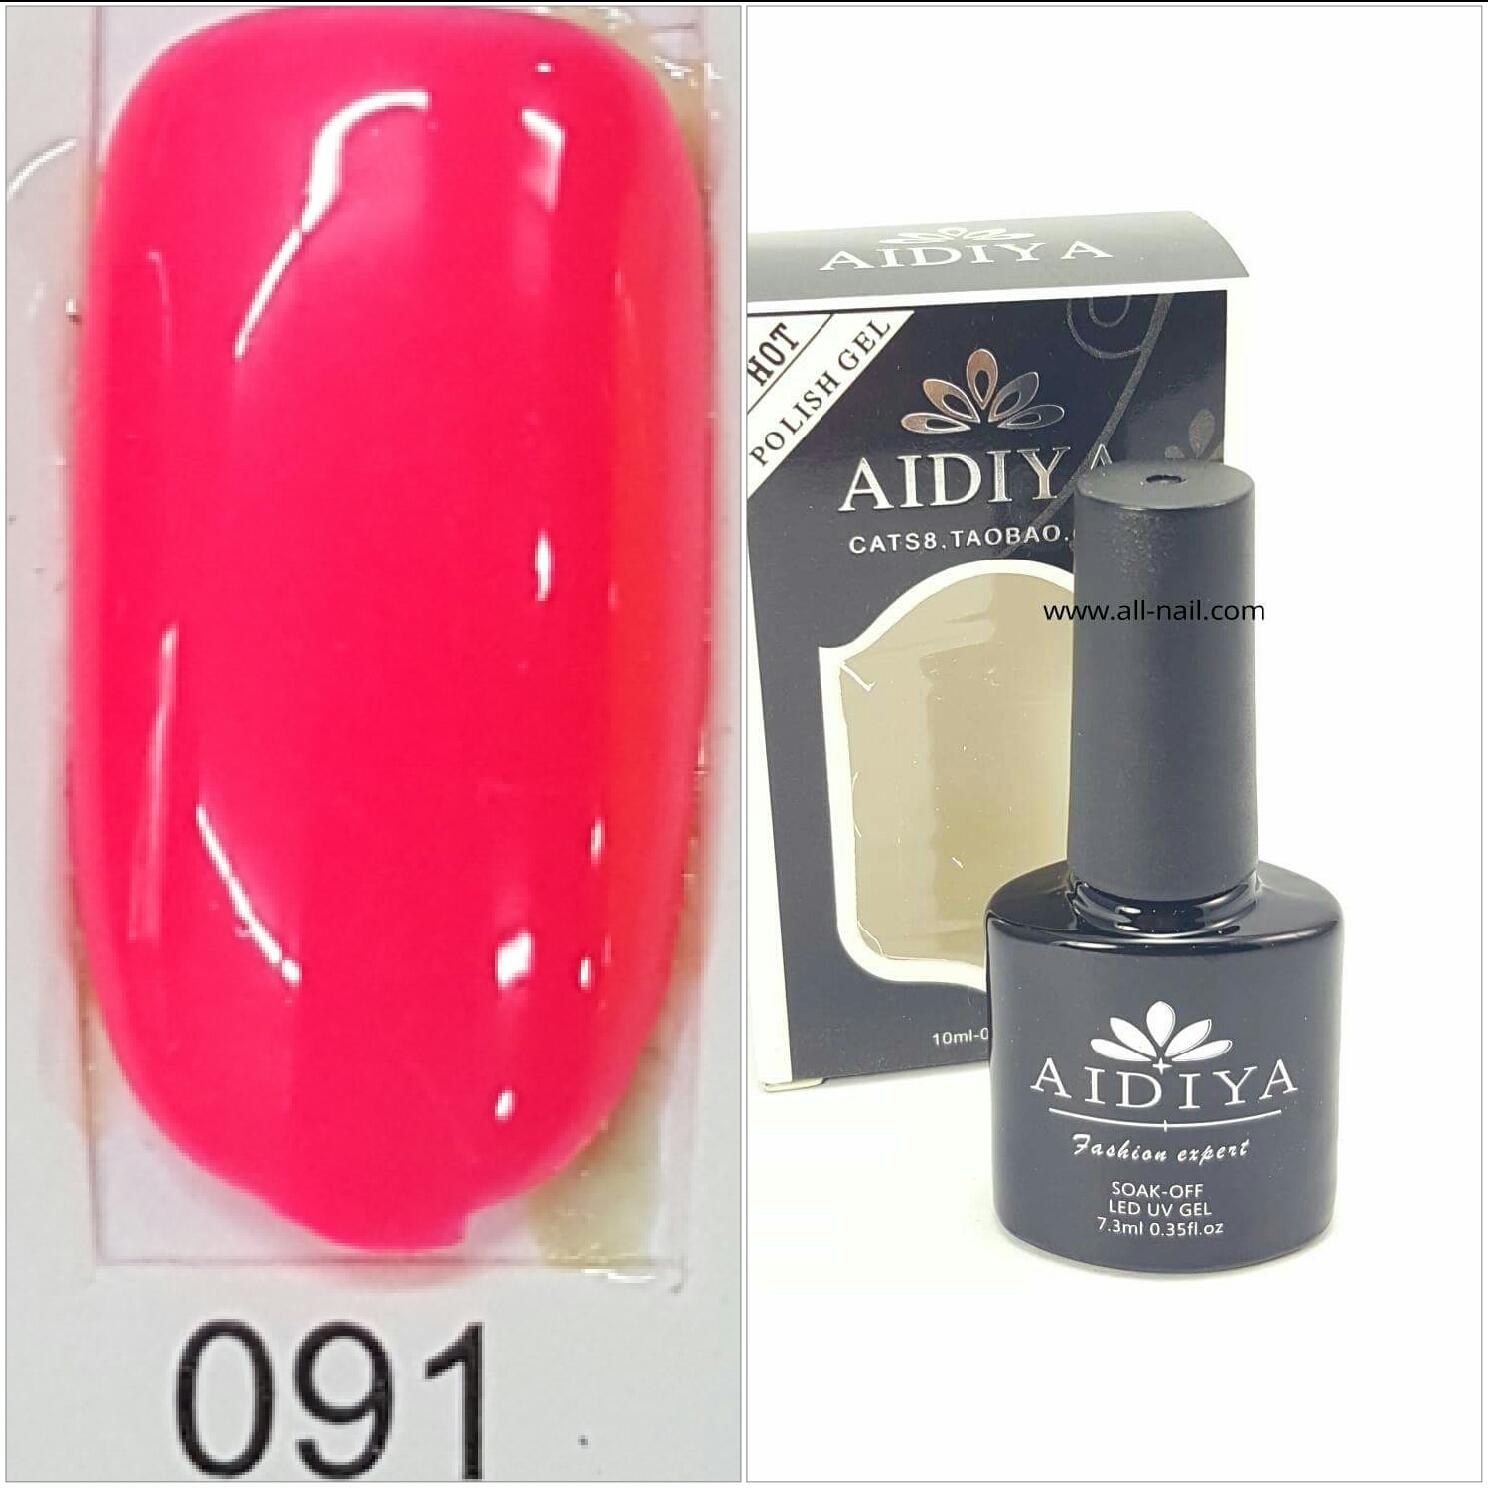 สีเจลทาเล็บ AIDIYA #091